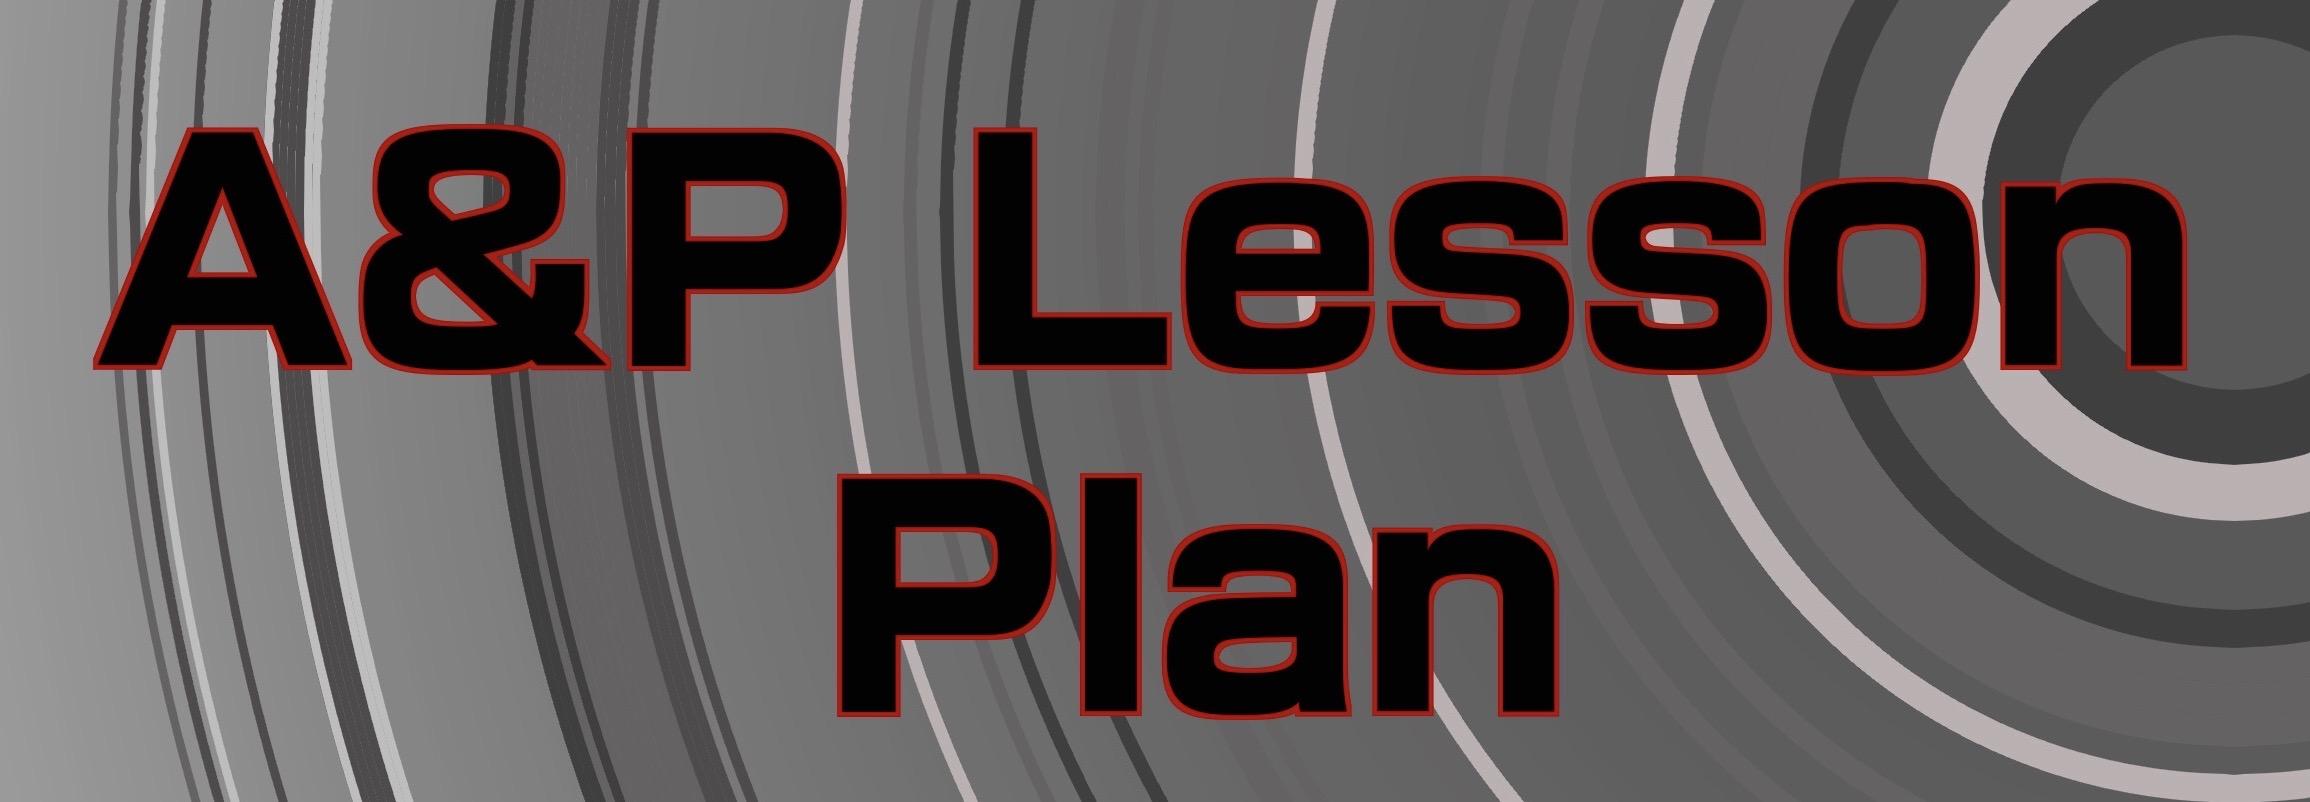 A&P Lesson Plans